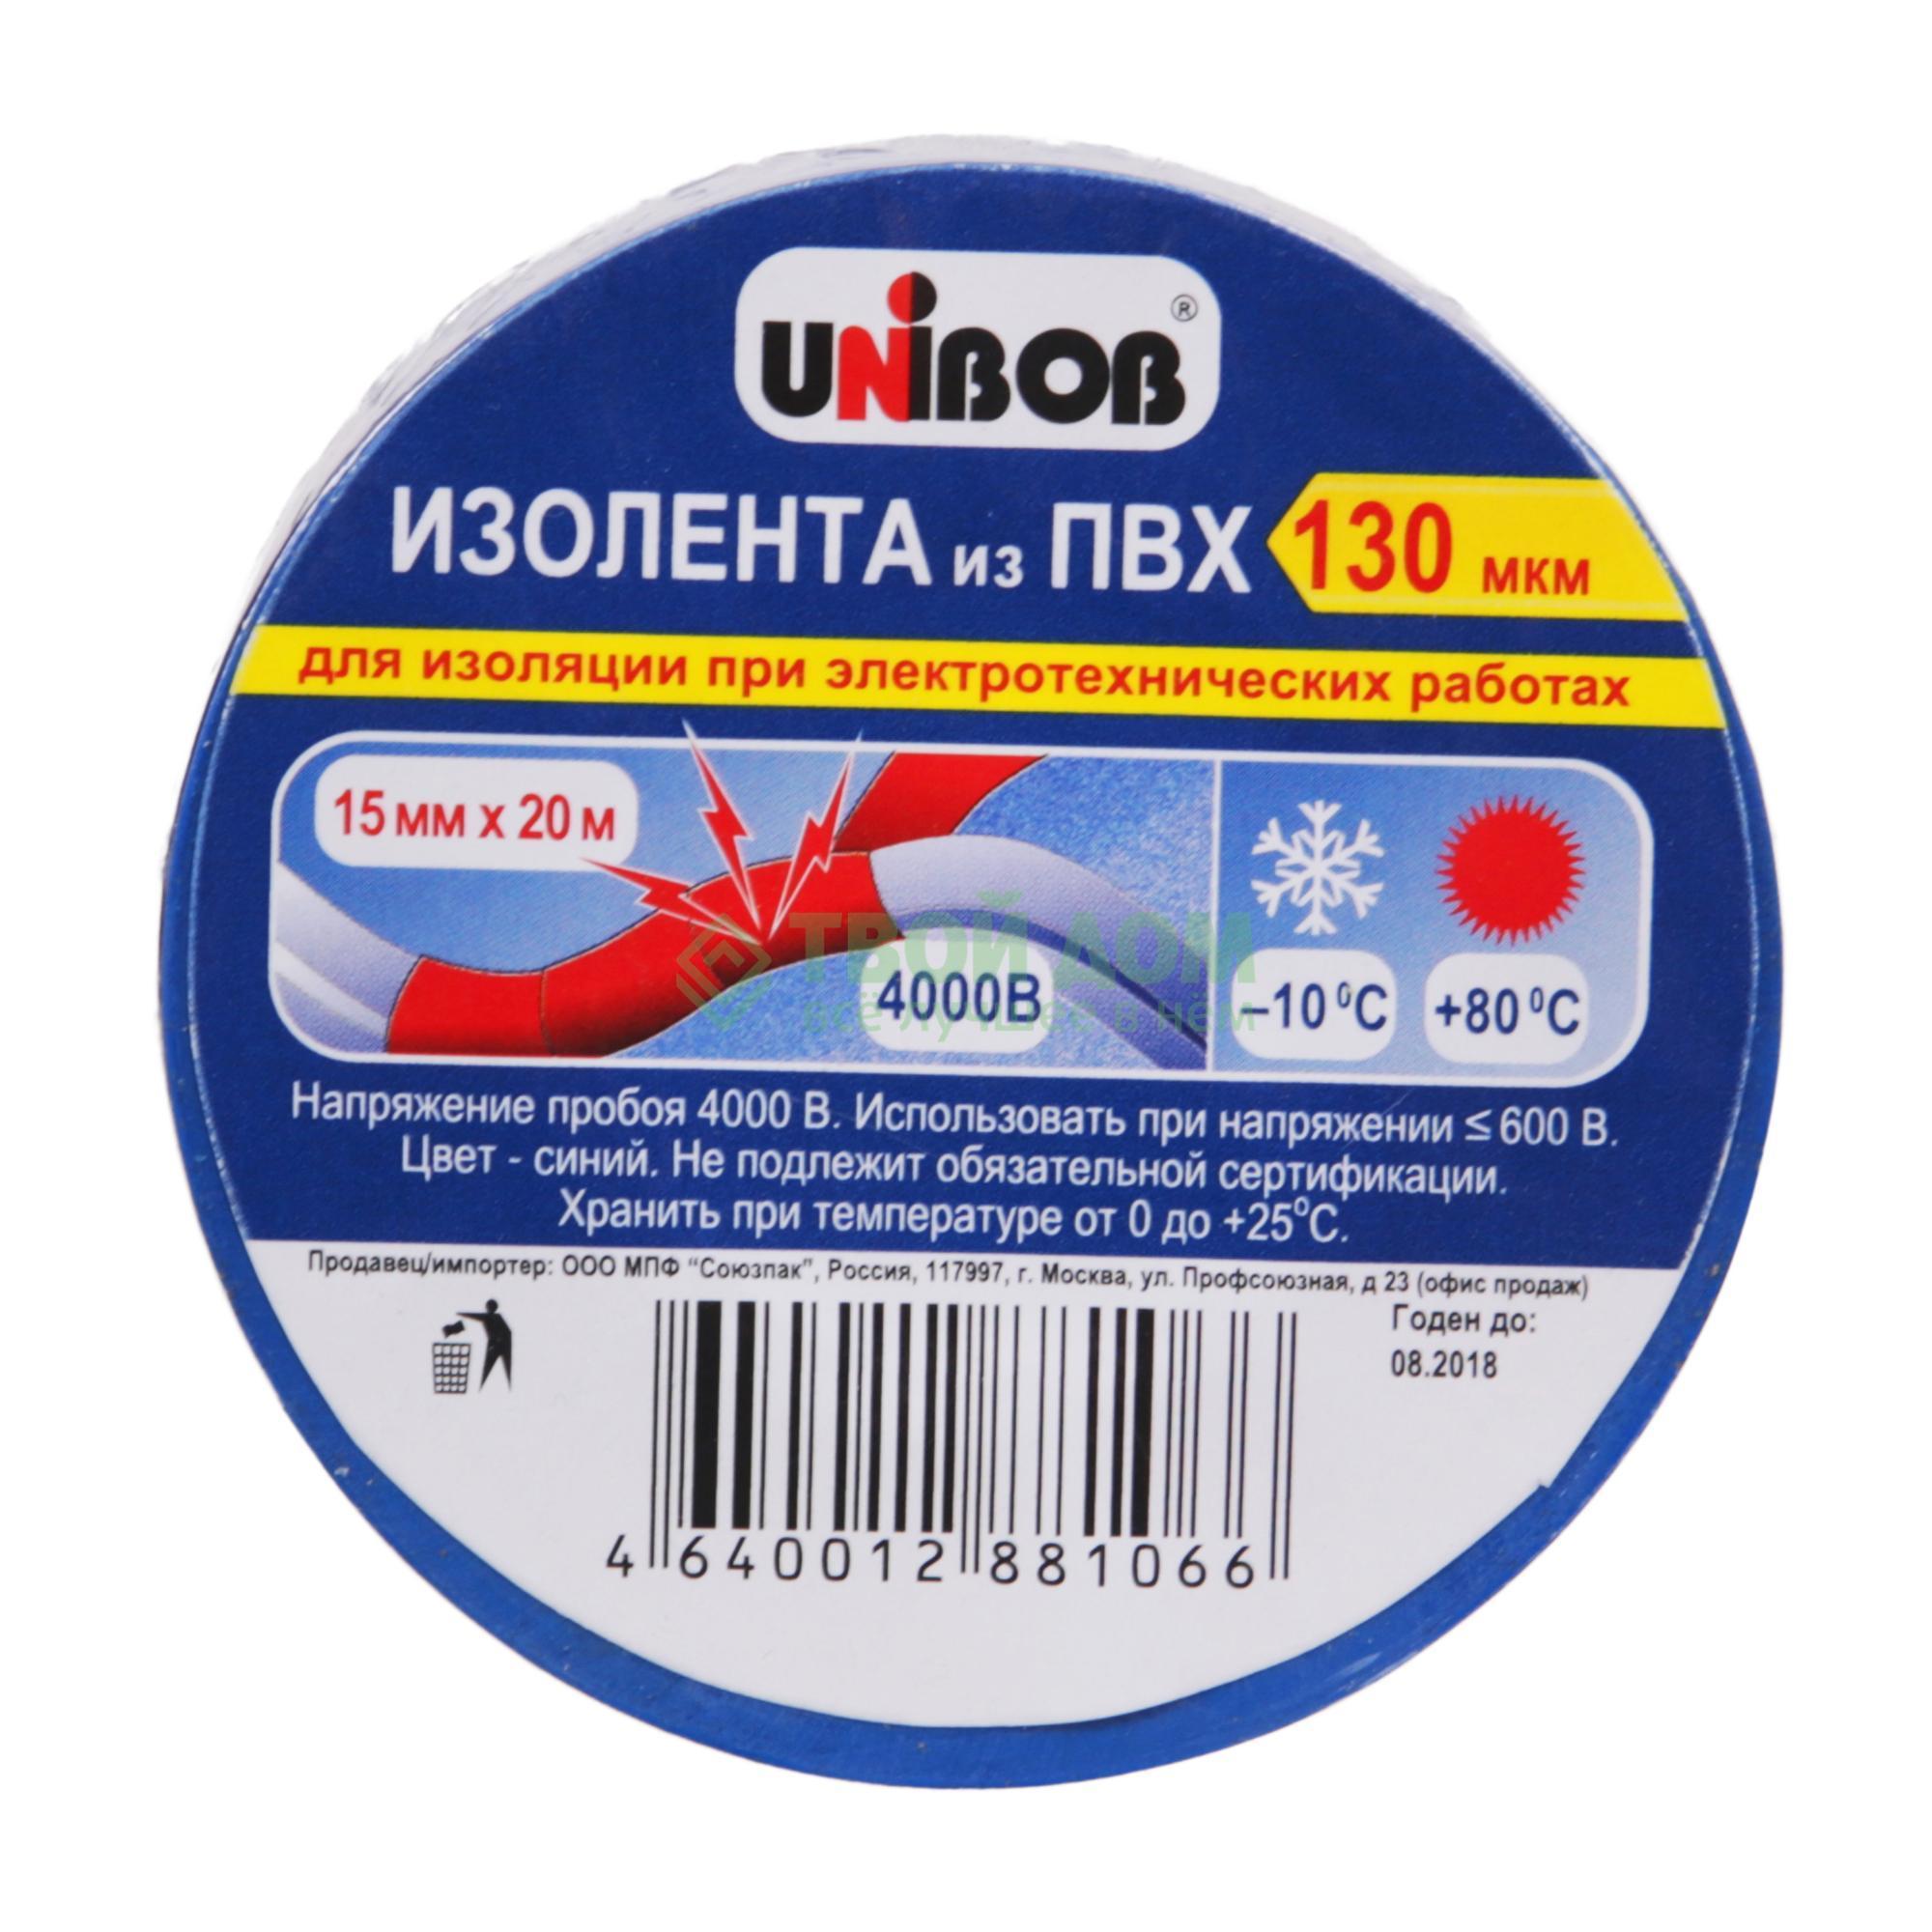 Изолента Unibob 15mm х 20m Blue